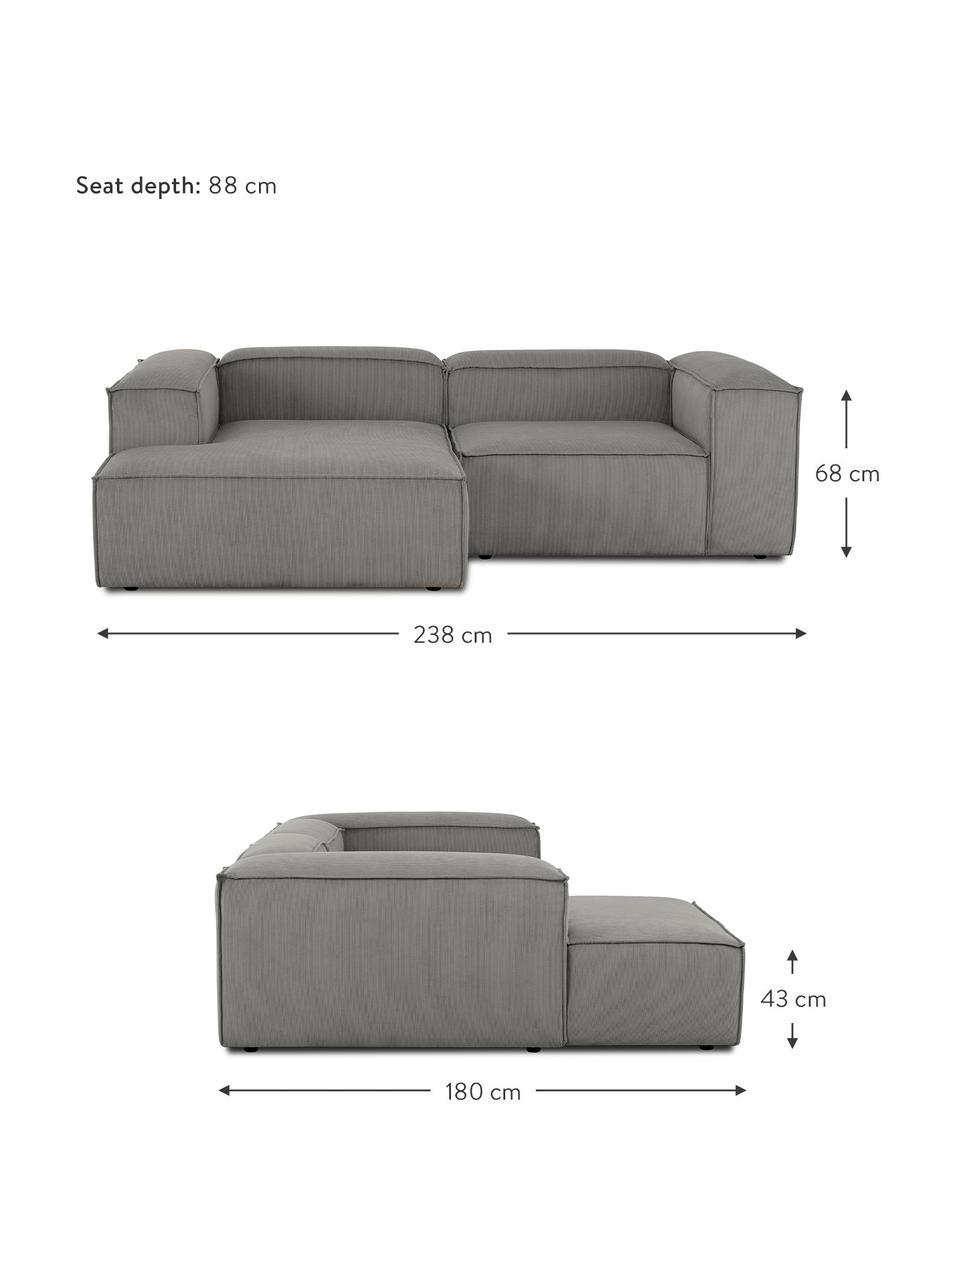 Narożna sofa modułowa ze sztruksu Lennon, Tapicerka: sztruks (92% poliester, 8, Stelaż: lite drewno sosnowe, skle, Nogi: tworzywo sztuczne Nogi zn, Sztruksowy szary, S 238 x G 180 cm